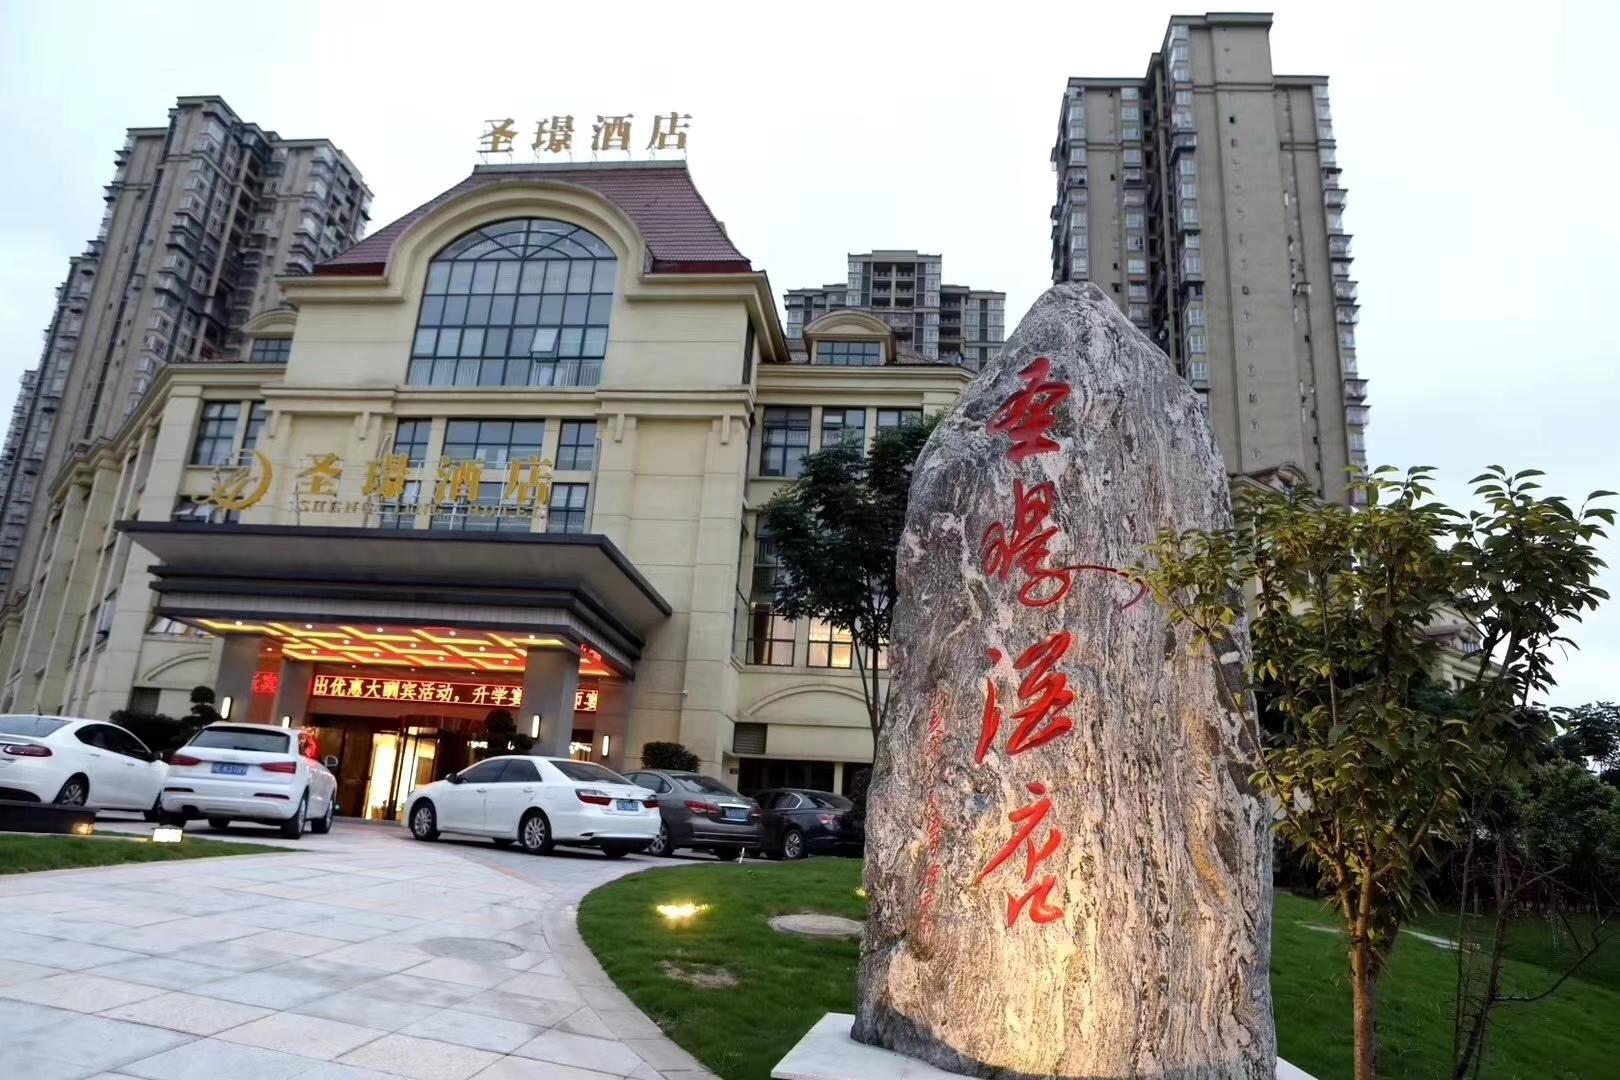 泸州圣璟酒店签约绿云酒店管理系统